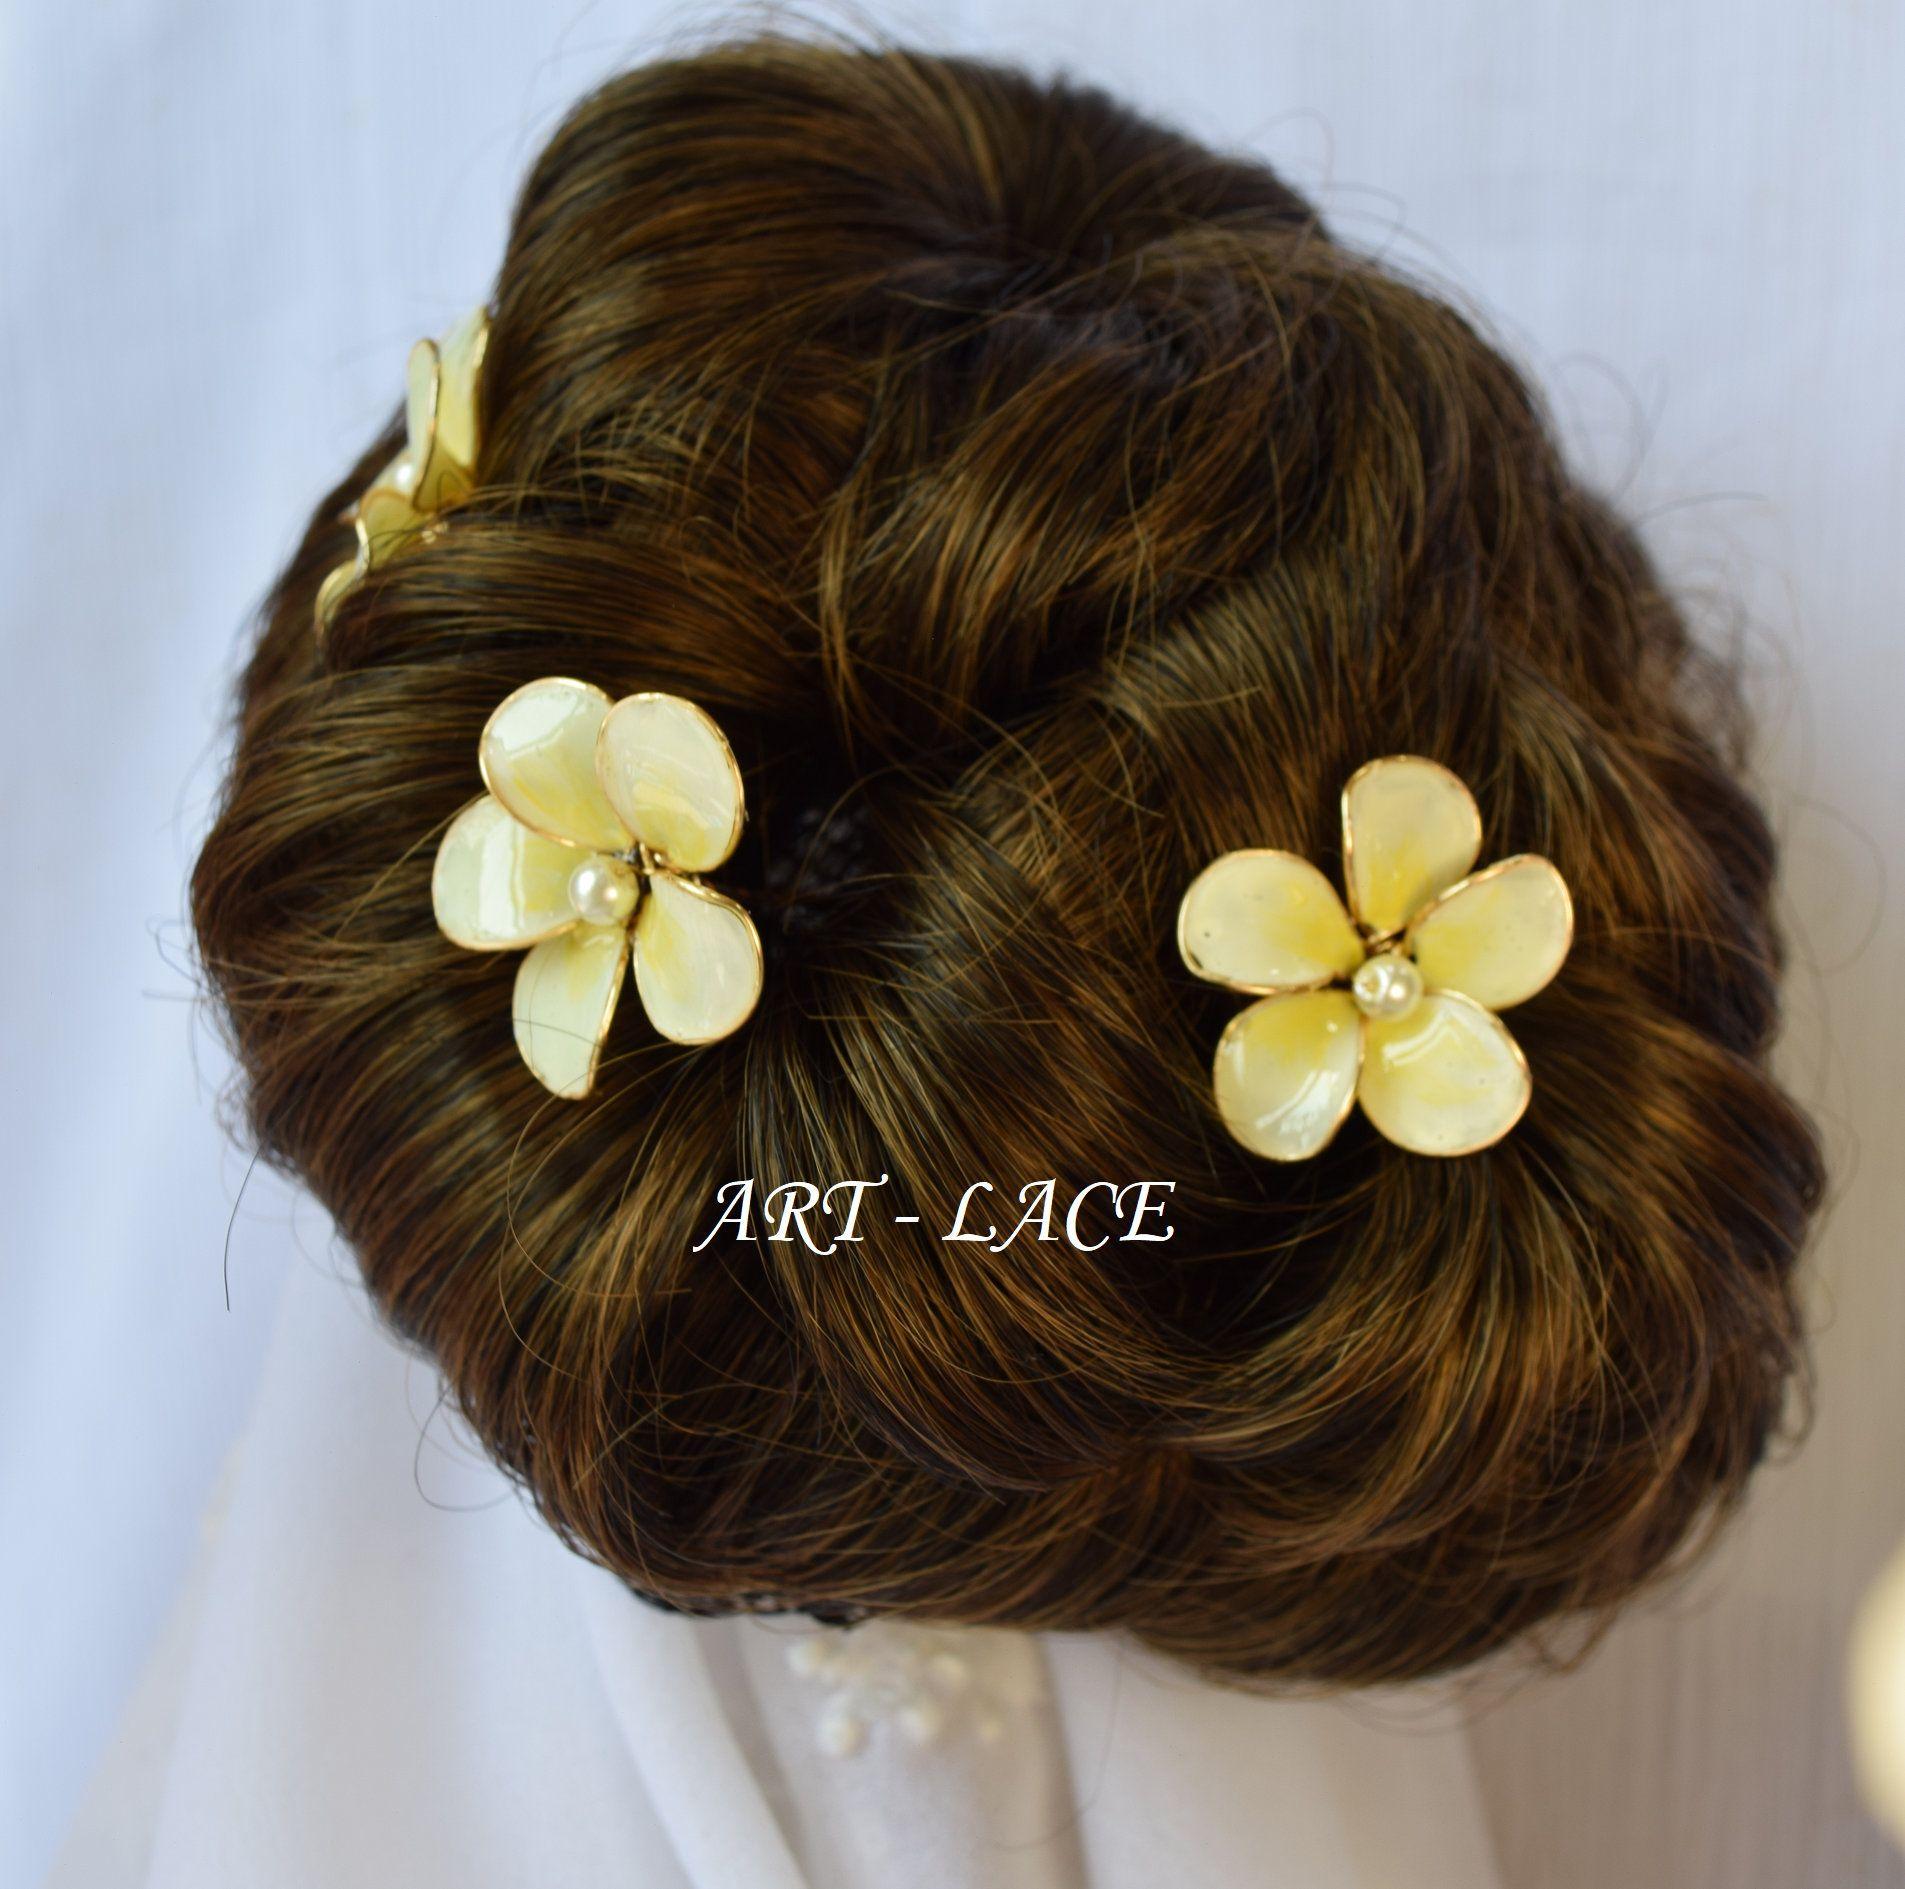 Frangipani hair picks bridal hair picks flower hair sticks for bun latest addition to my etsy shop frangipani hairpicks bridal hair picks izmirmasajfo